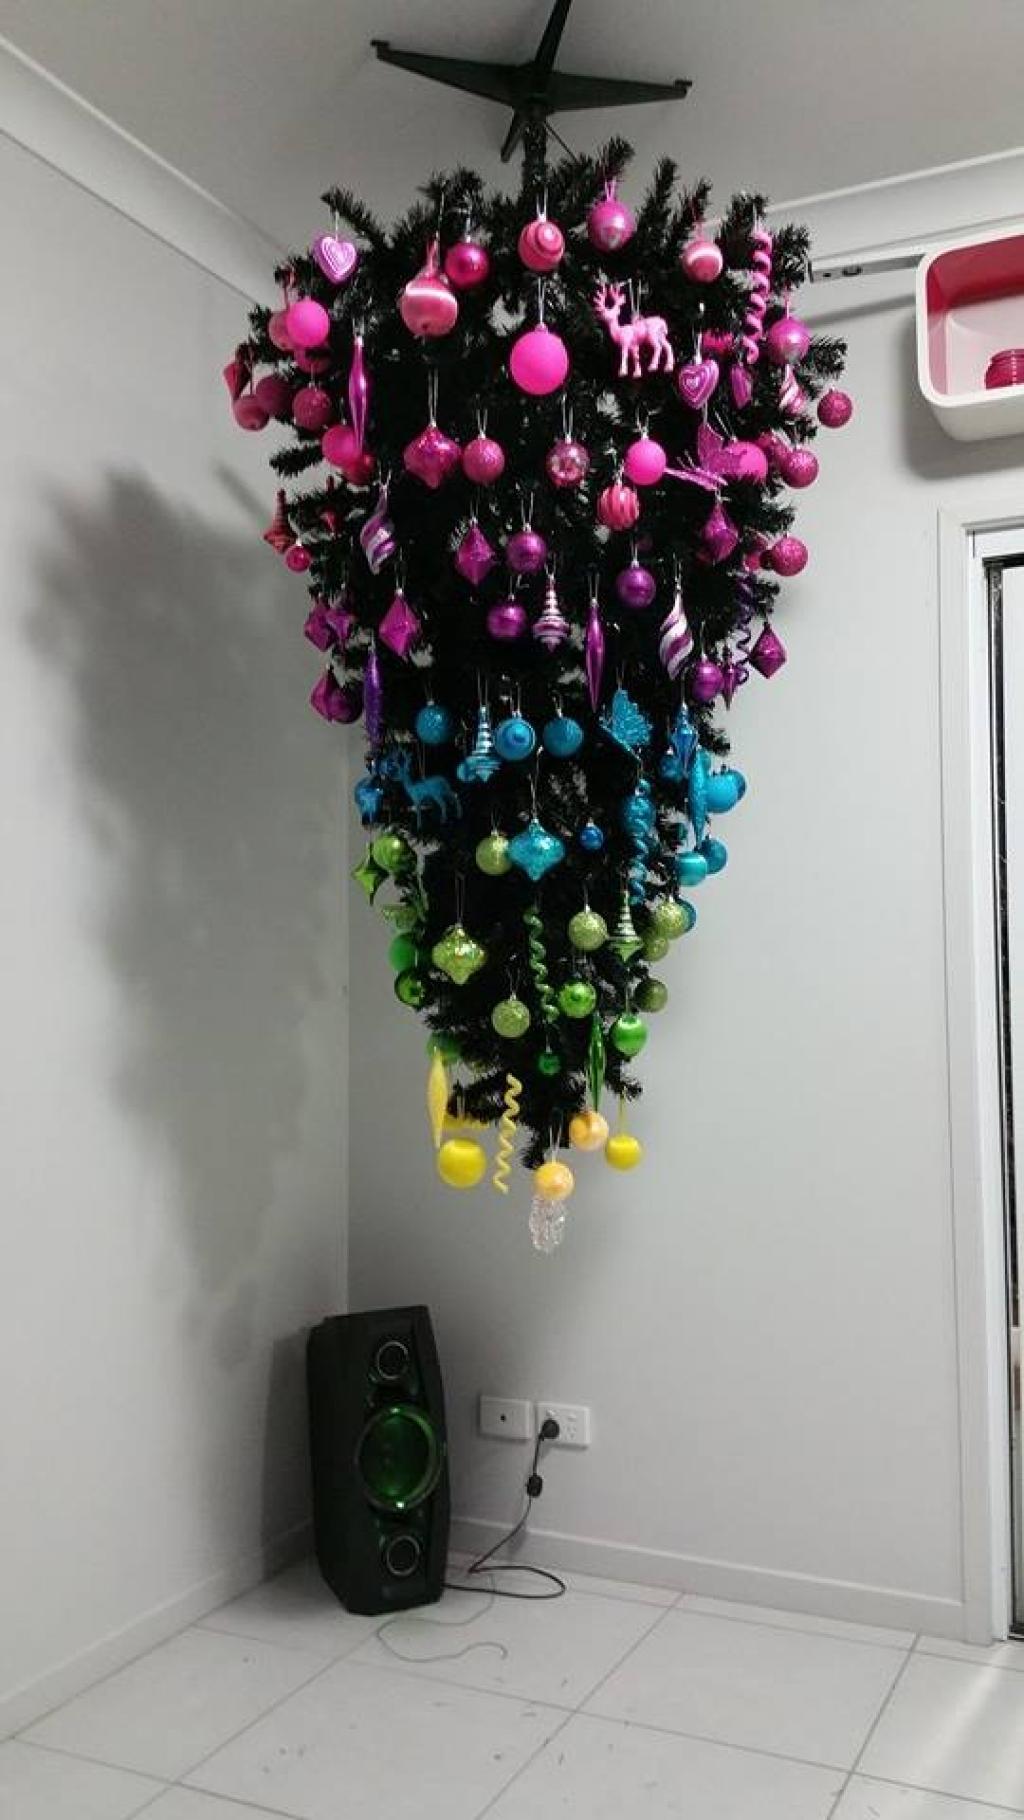 Sapin Suspendu Au Plafond Idees D Images A La Maison